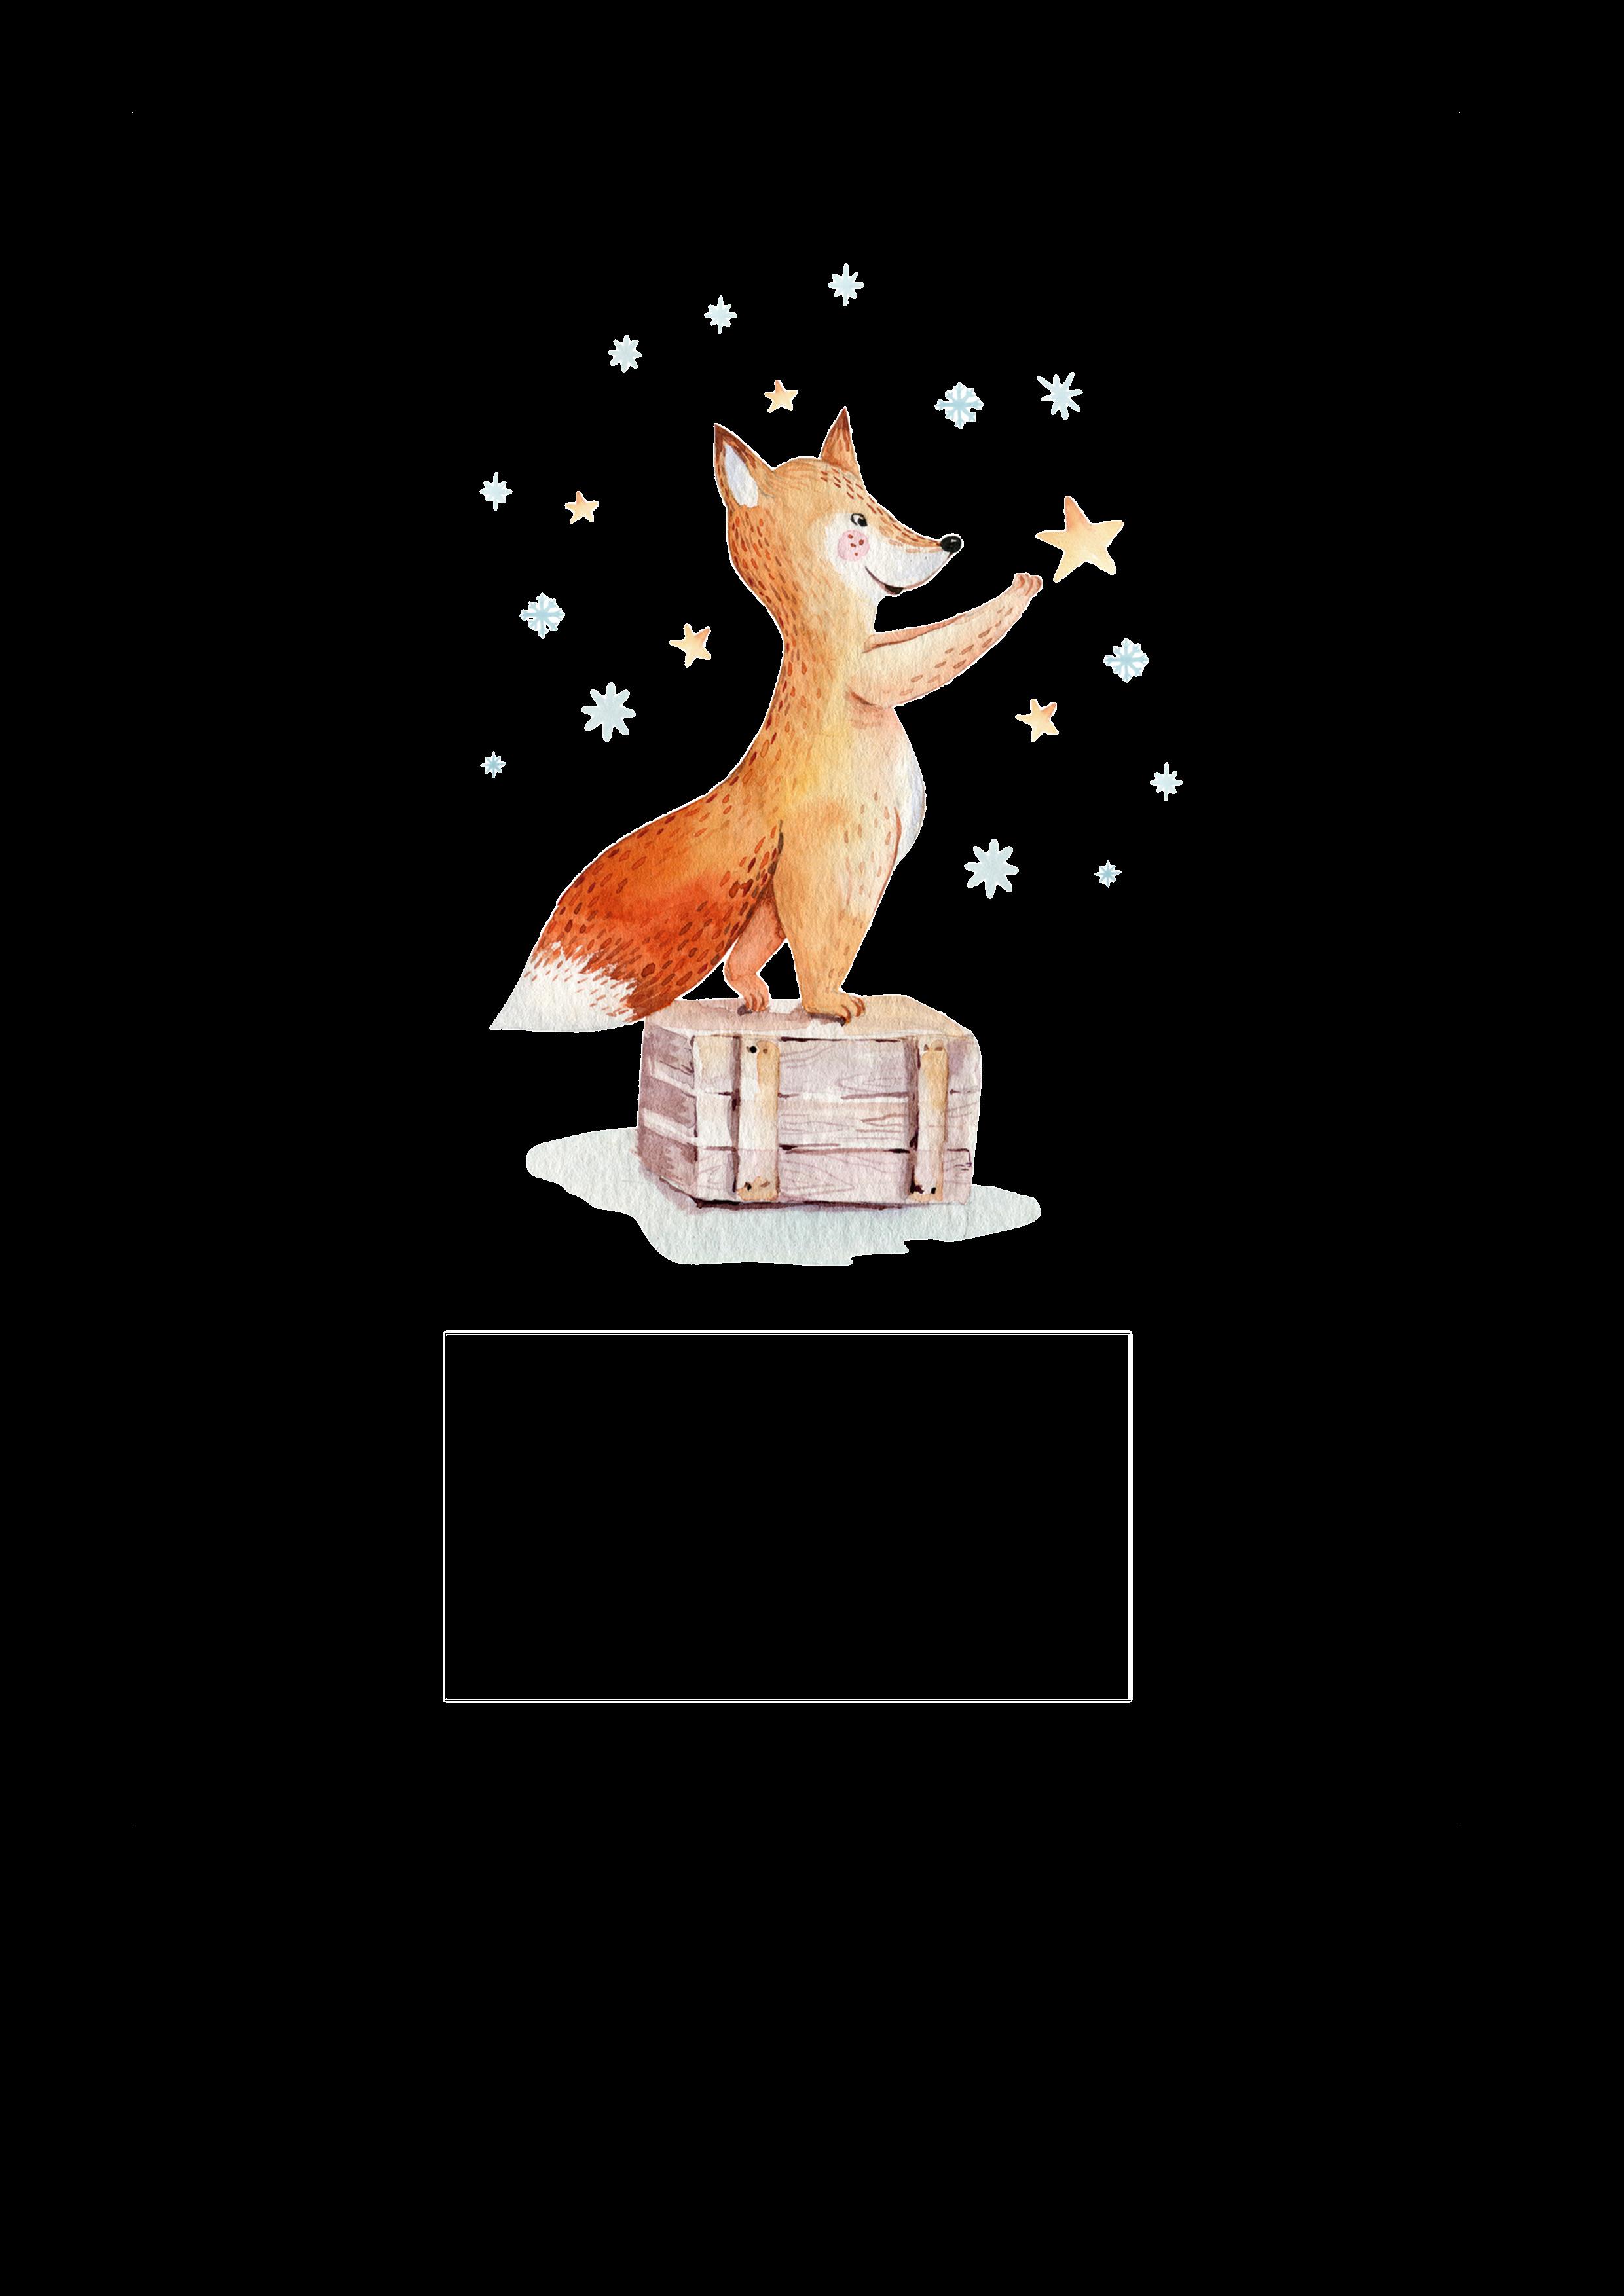 Kerze Fuchs greift nach den Sternen